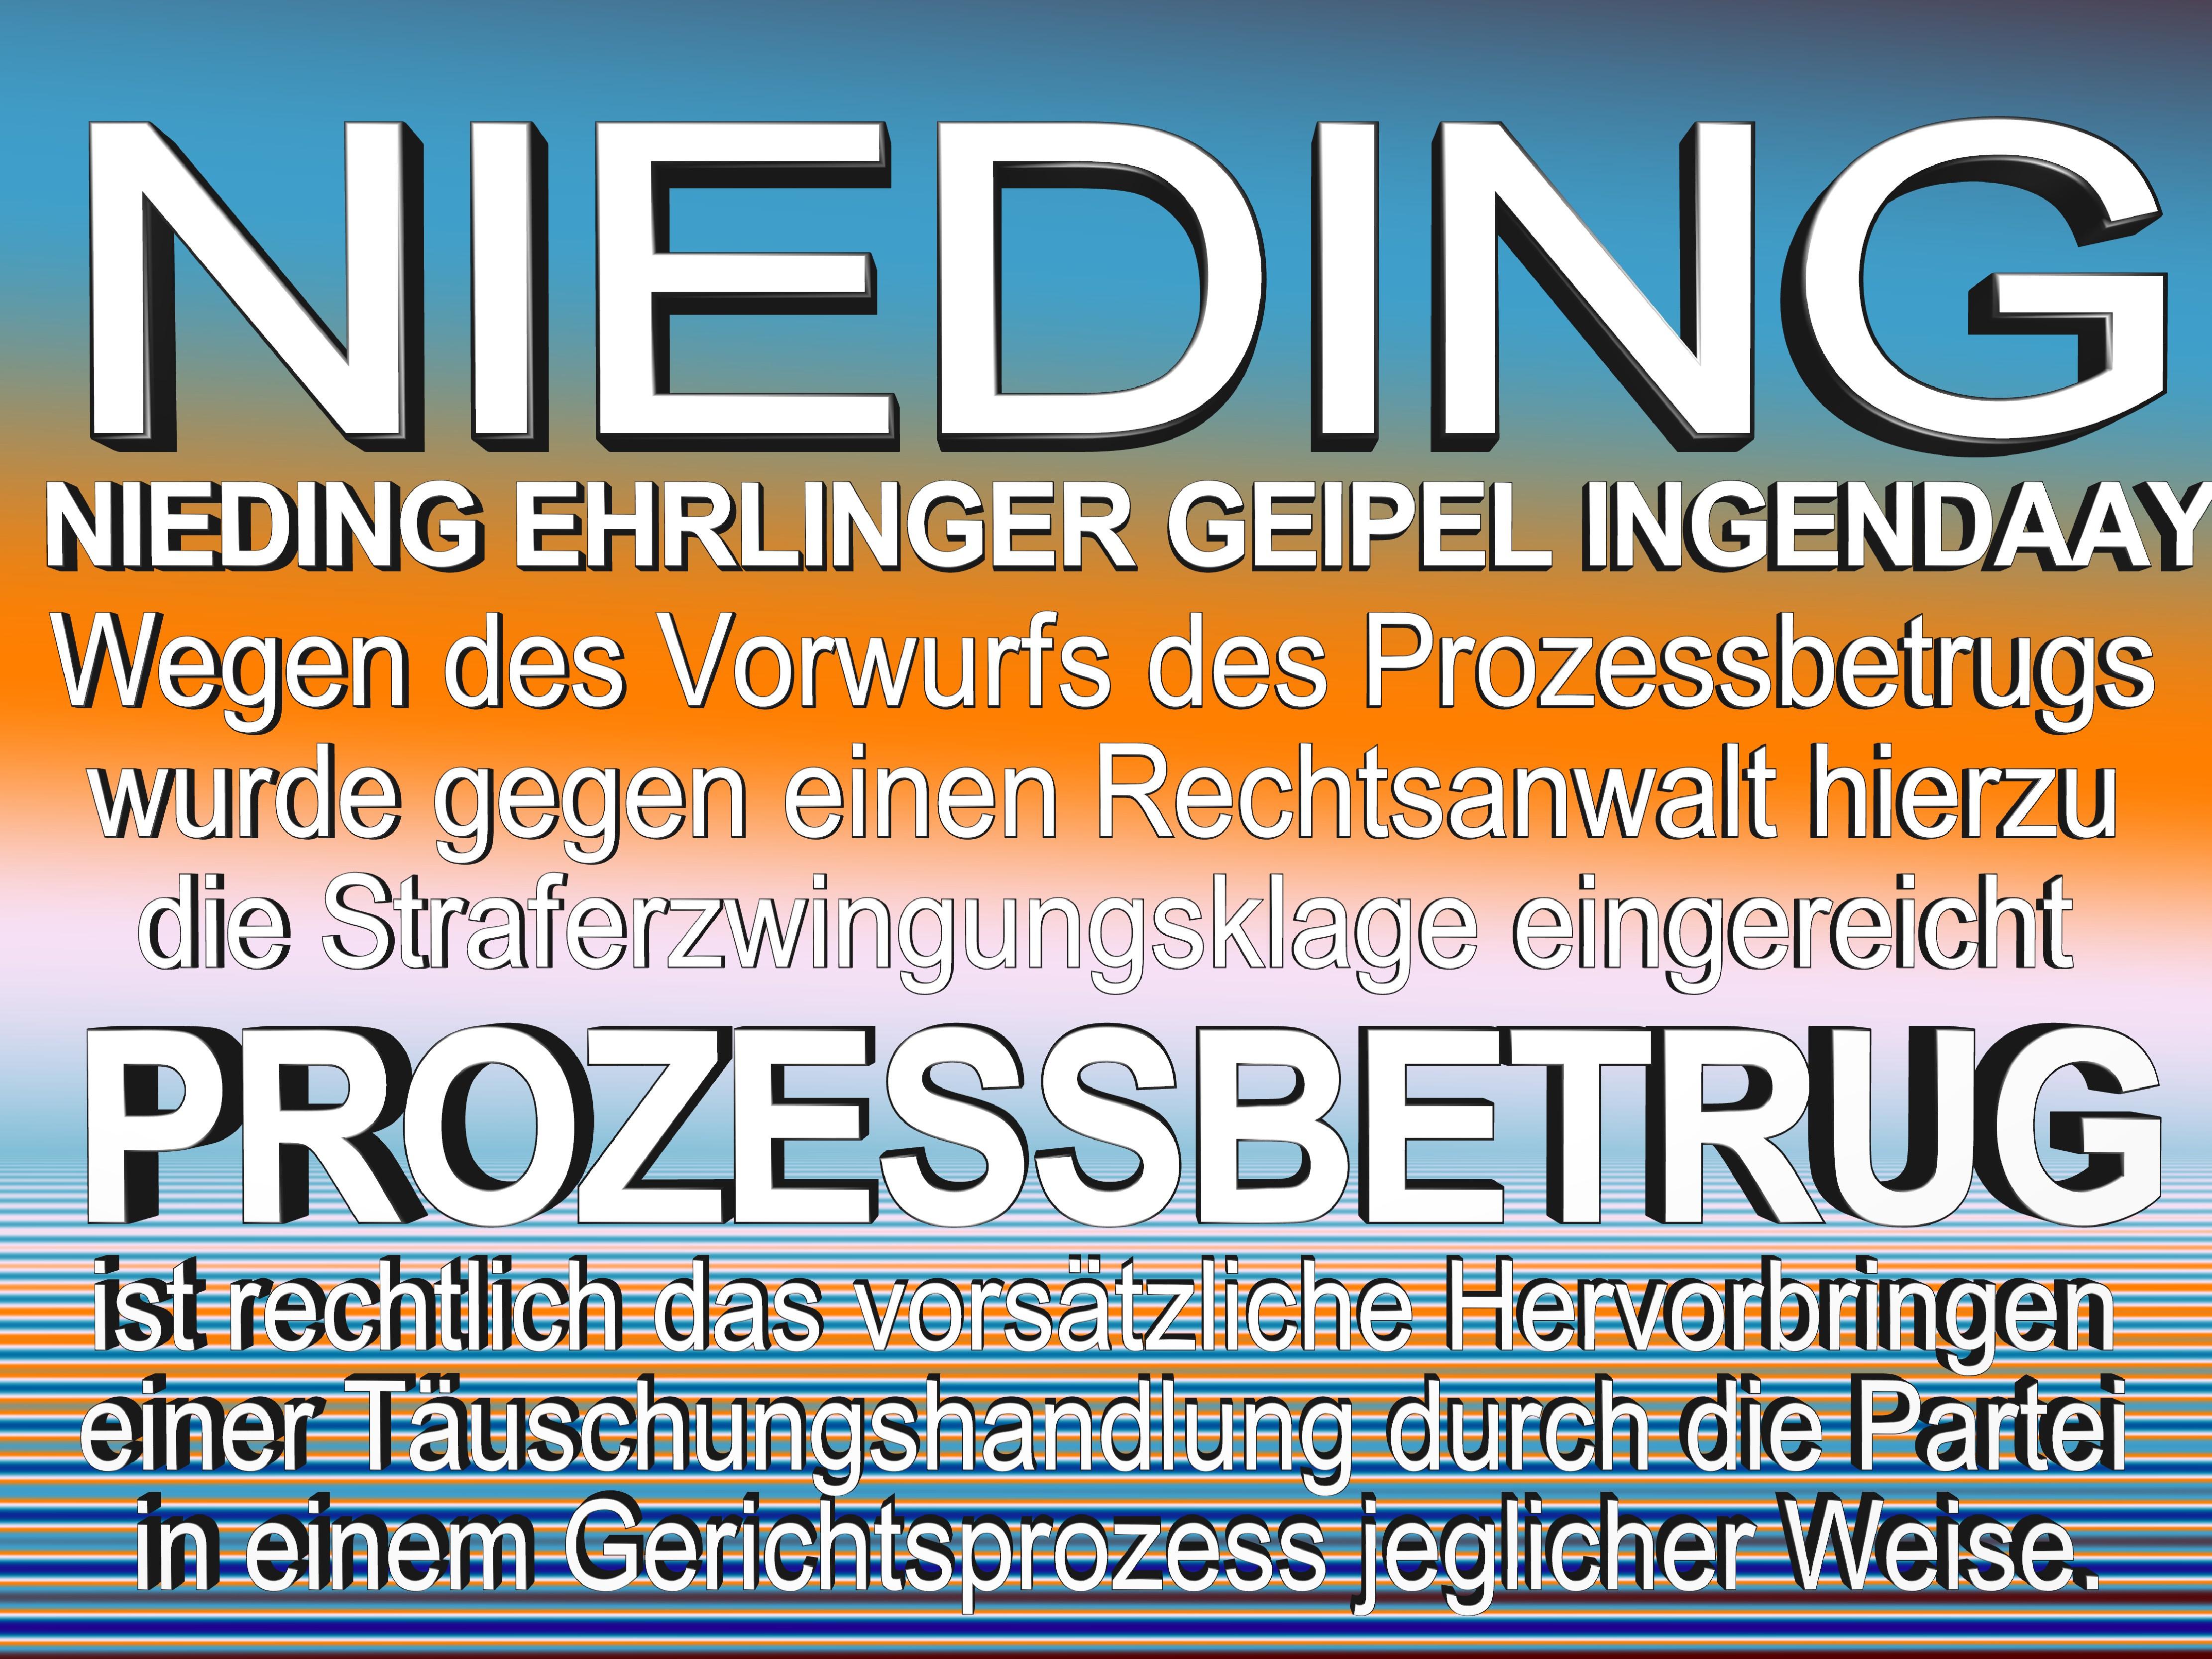 NIEDING EHRLINGER GEIPEL INGENDAAY LELKE Kurfürstendamm 66 Berlin (66)